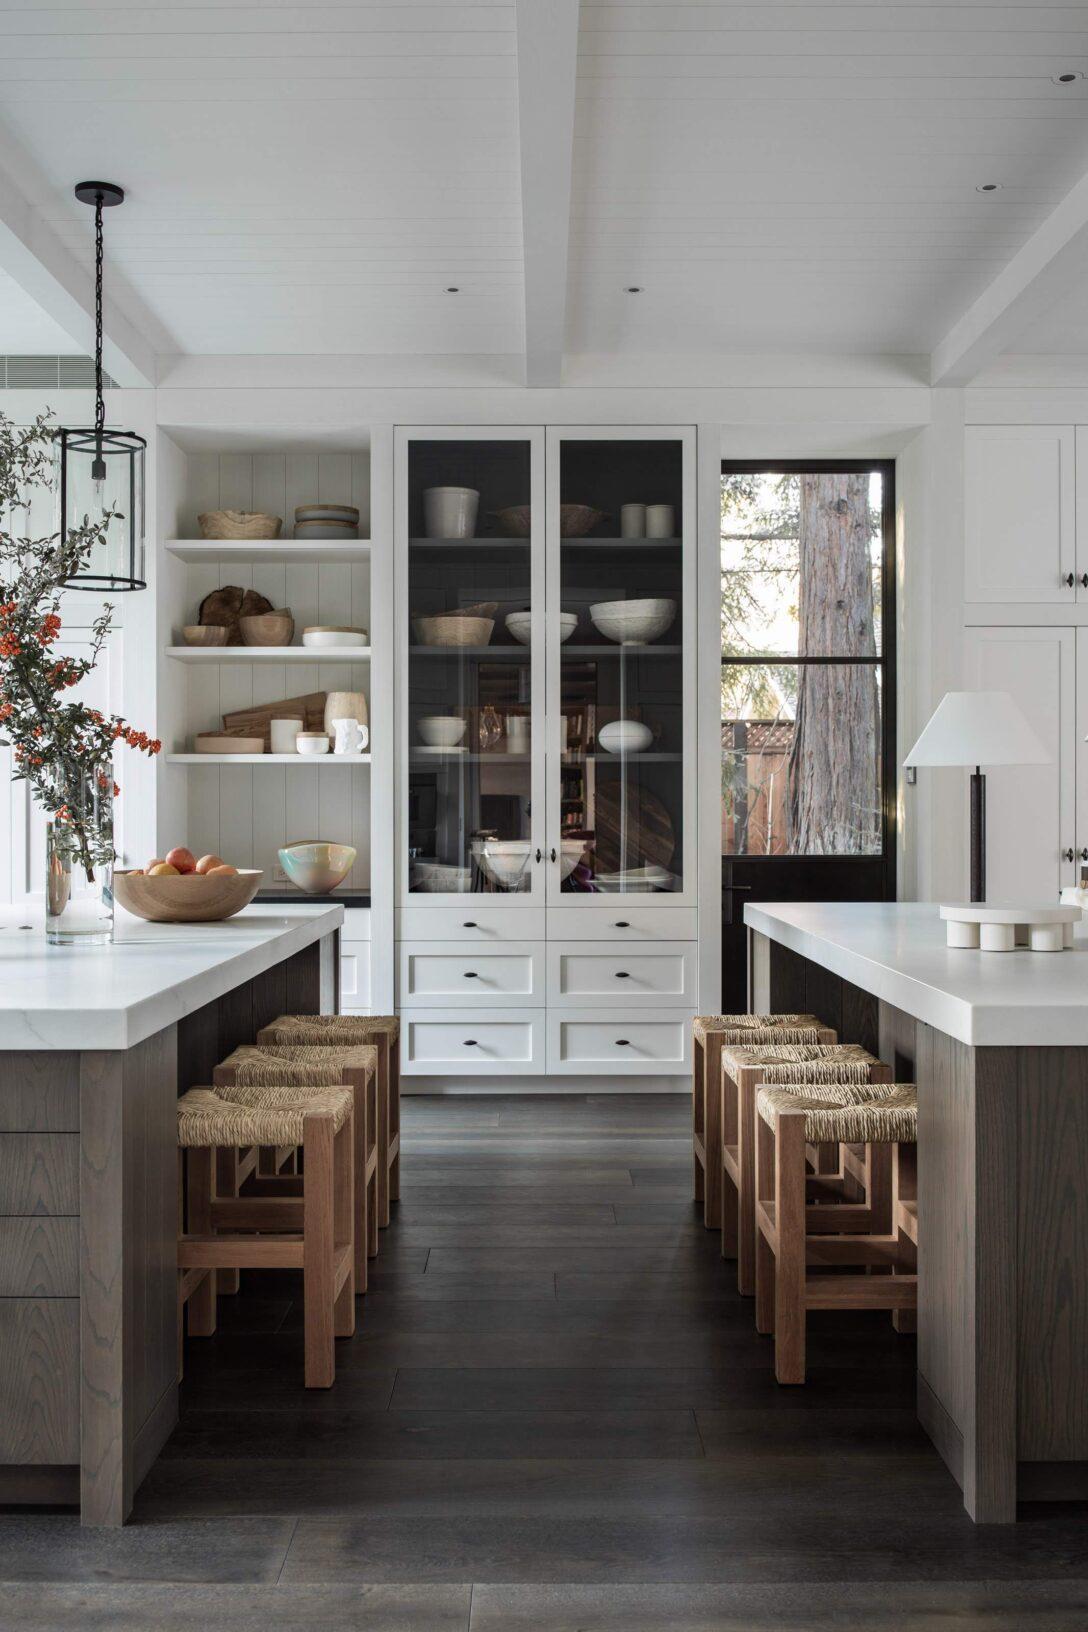 Large Size of Küchen Aufbewahrungsbehälter Designer Spotlight Melle Design Kchen Inspiration Regal Küche Wohnzimmer Küchen Aufbewahrungsbehälter